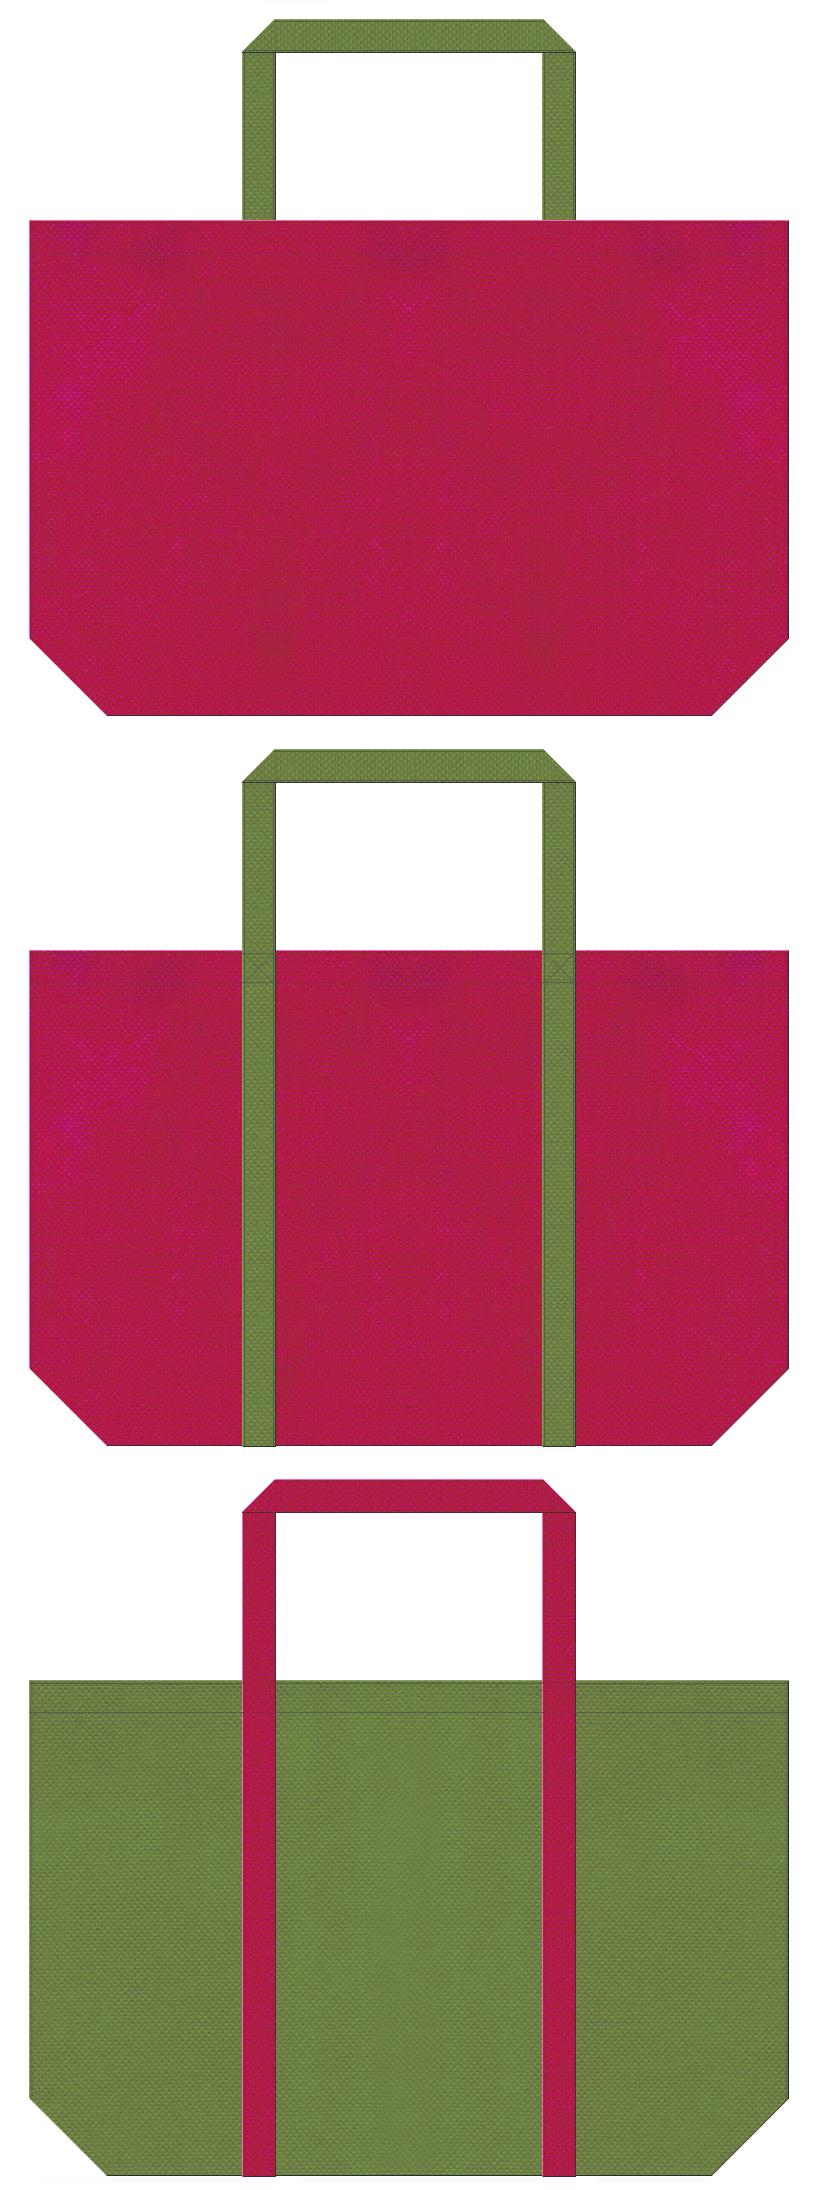 梅・メジロ・草履・着物・帯・和雑貨・和風催事にお奨めの不織布バッグデザイン:濃いピンク色と草色のコーデ